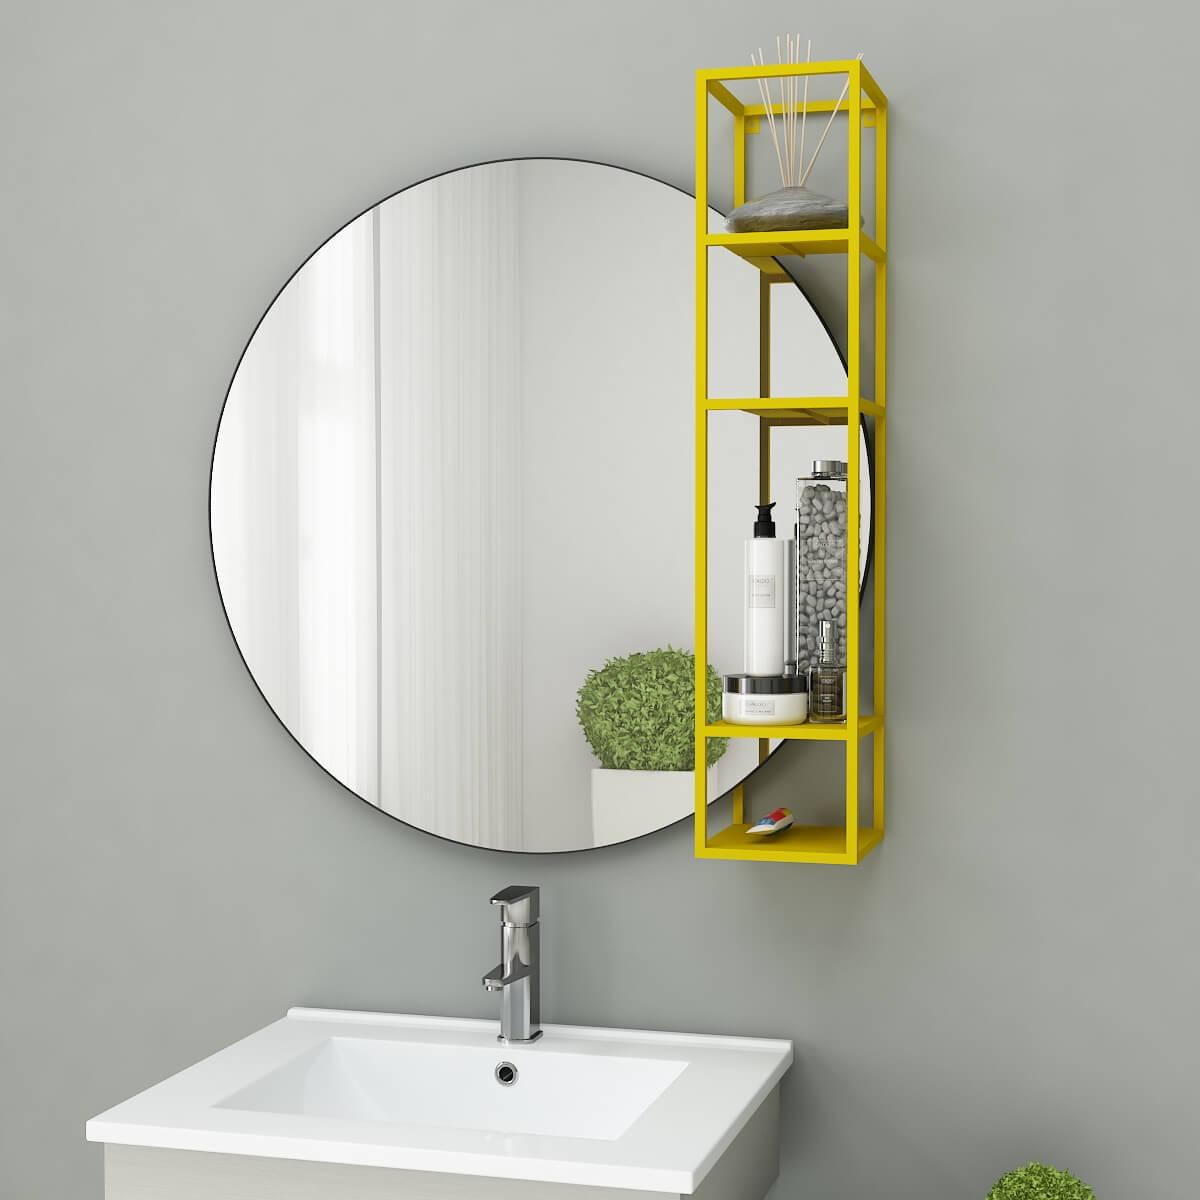 Update the mirror